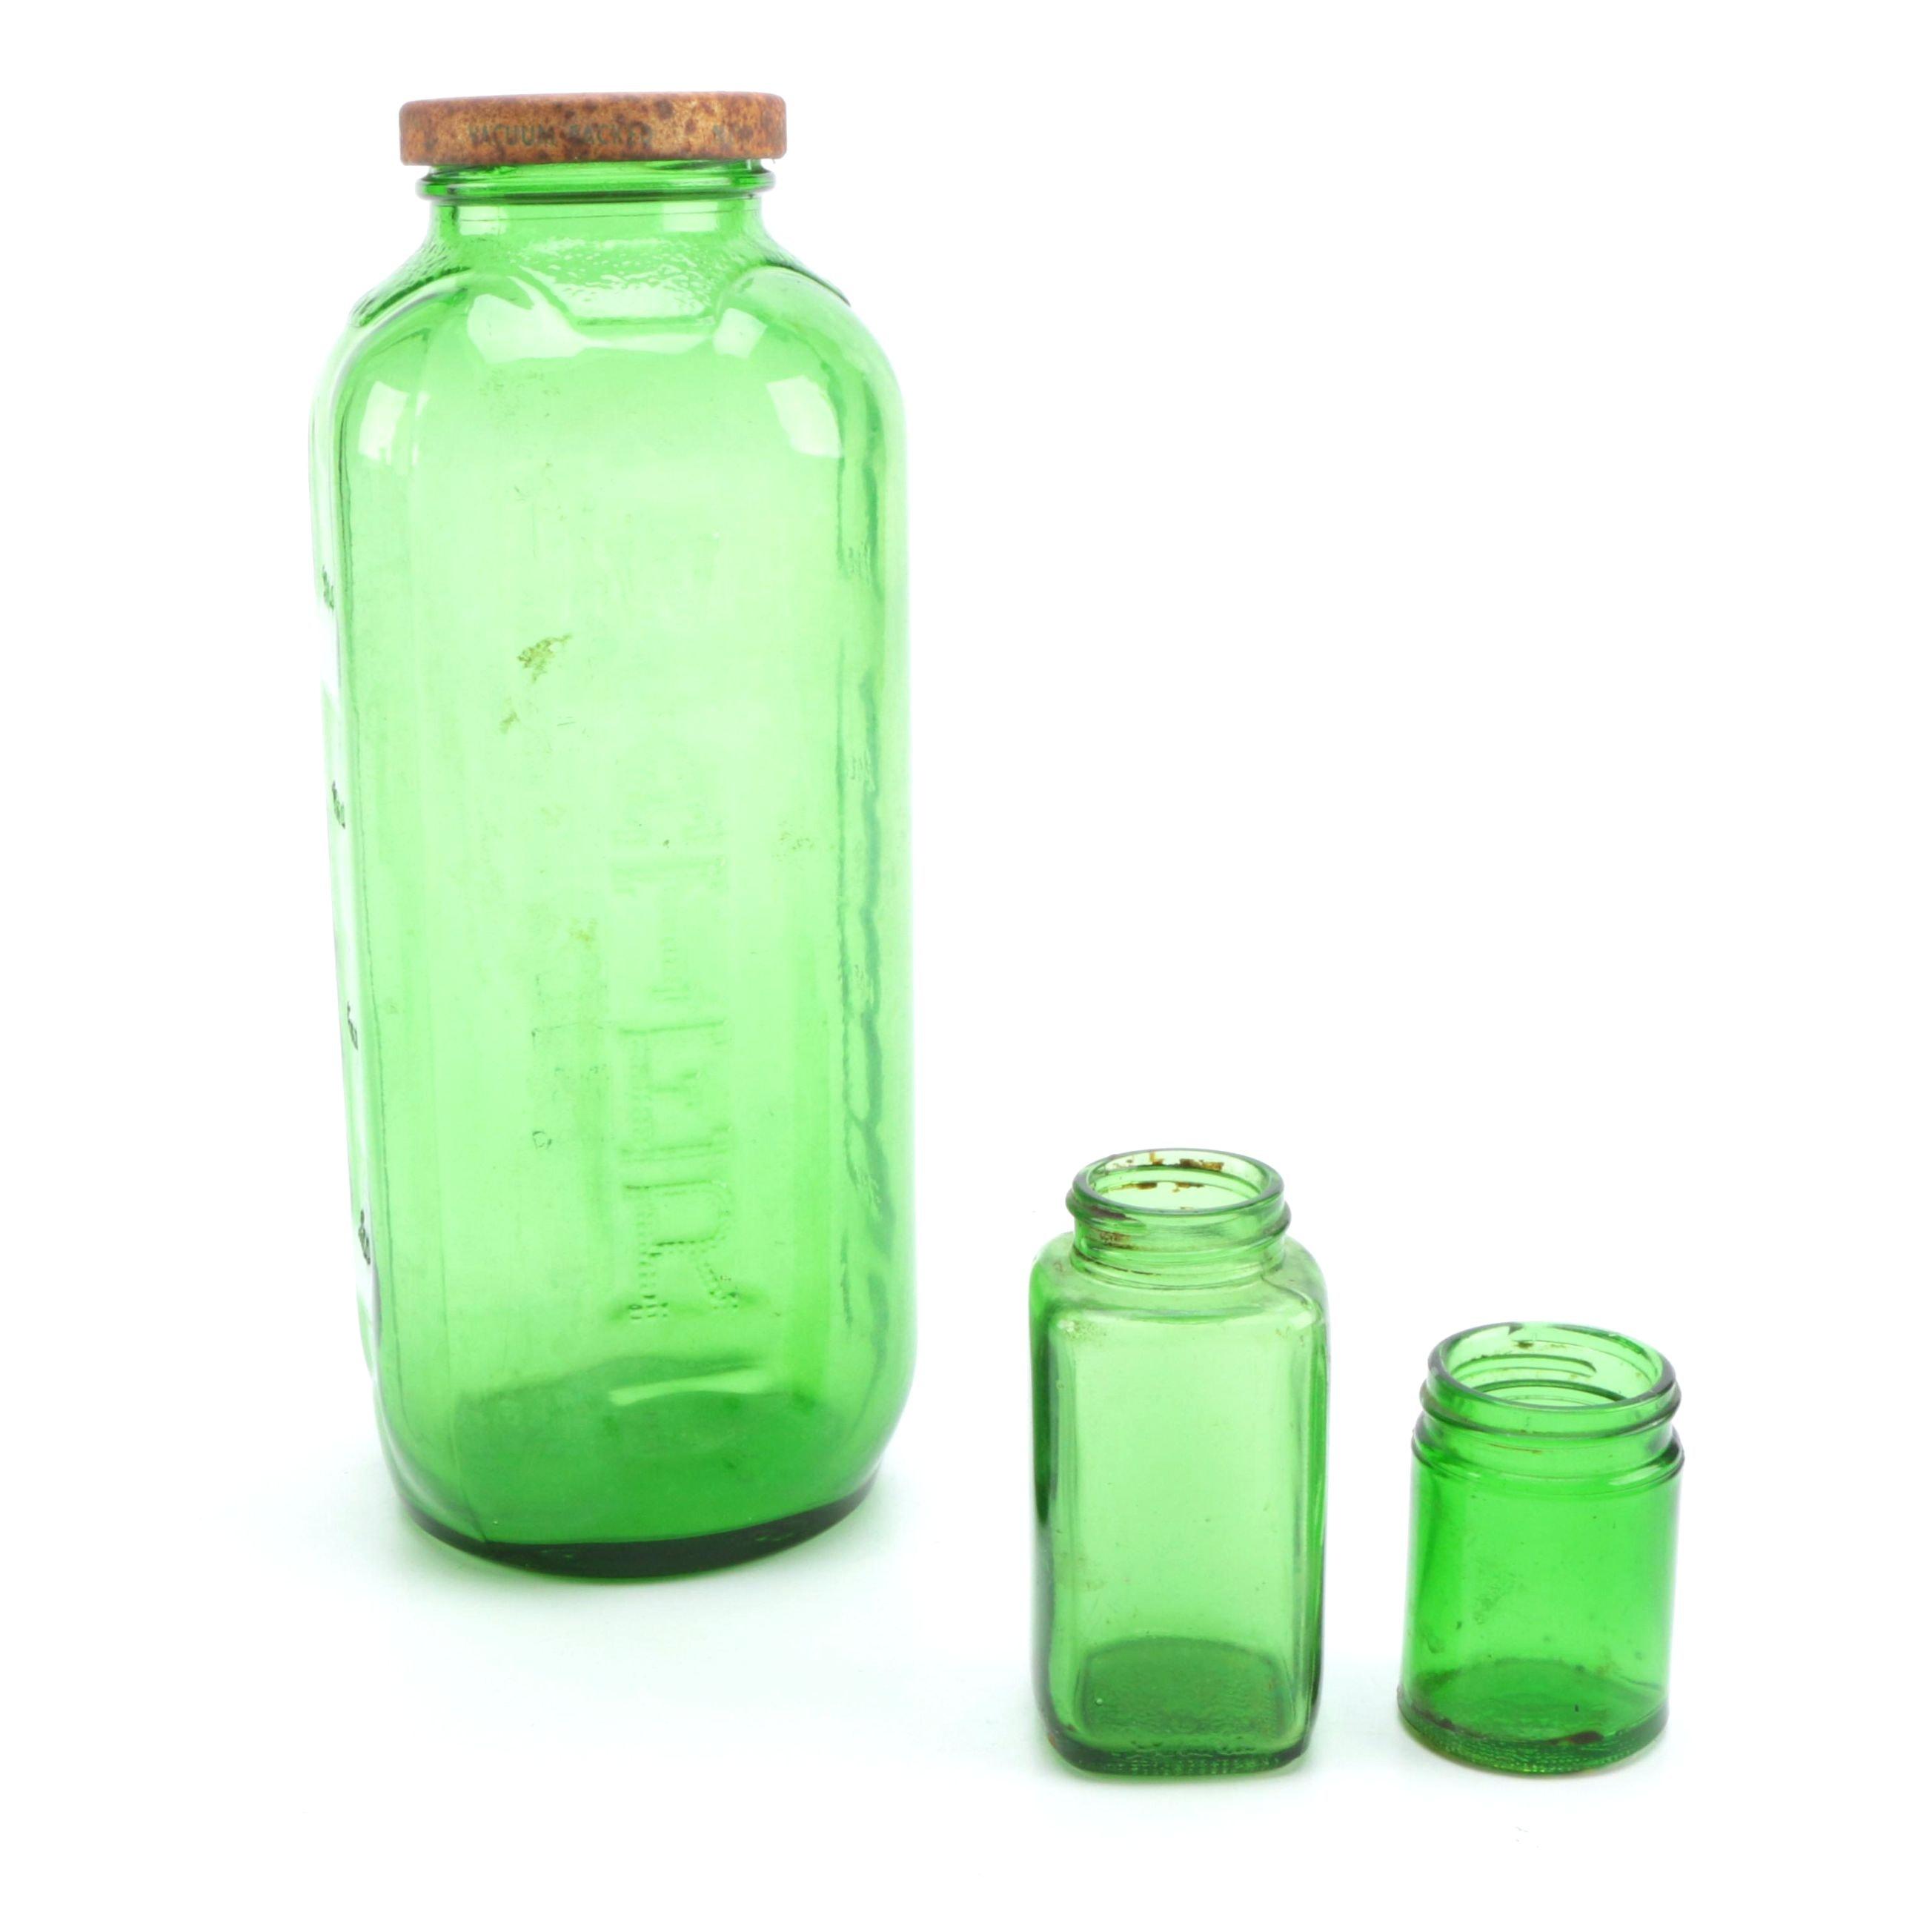 Vintage Green Glass Bottles